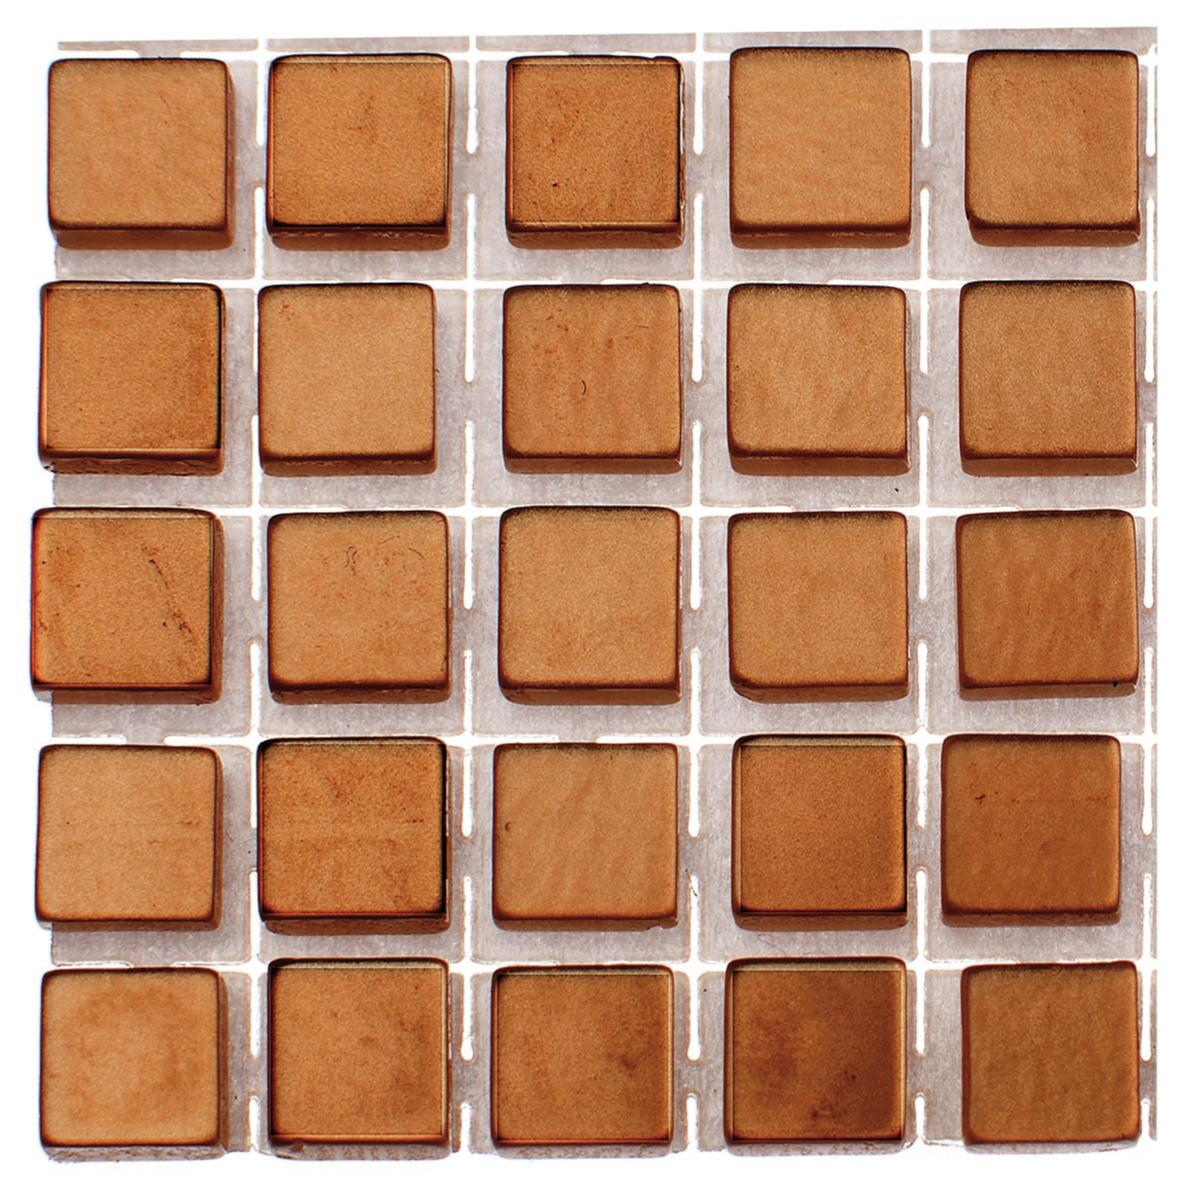 119x stuks mozaieken maken steentjes-tegels kleur brons 5 x 5 x 2 mm